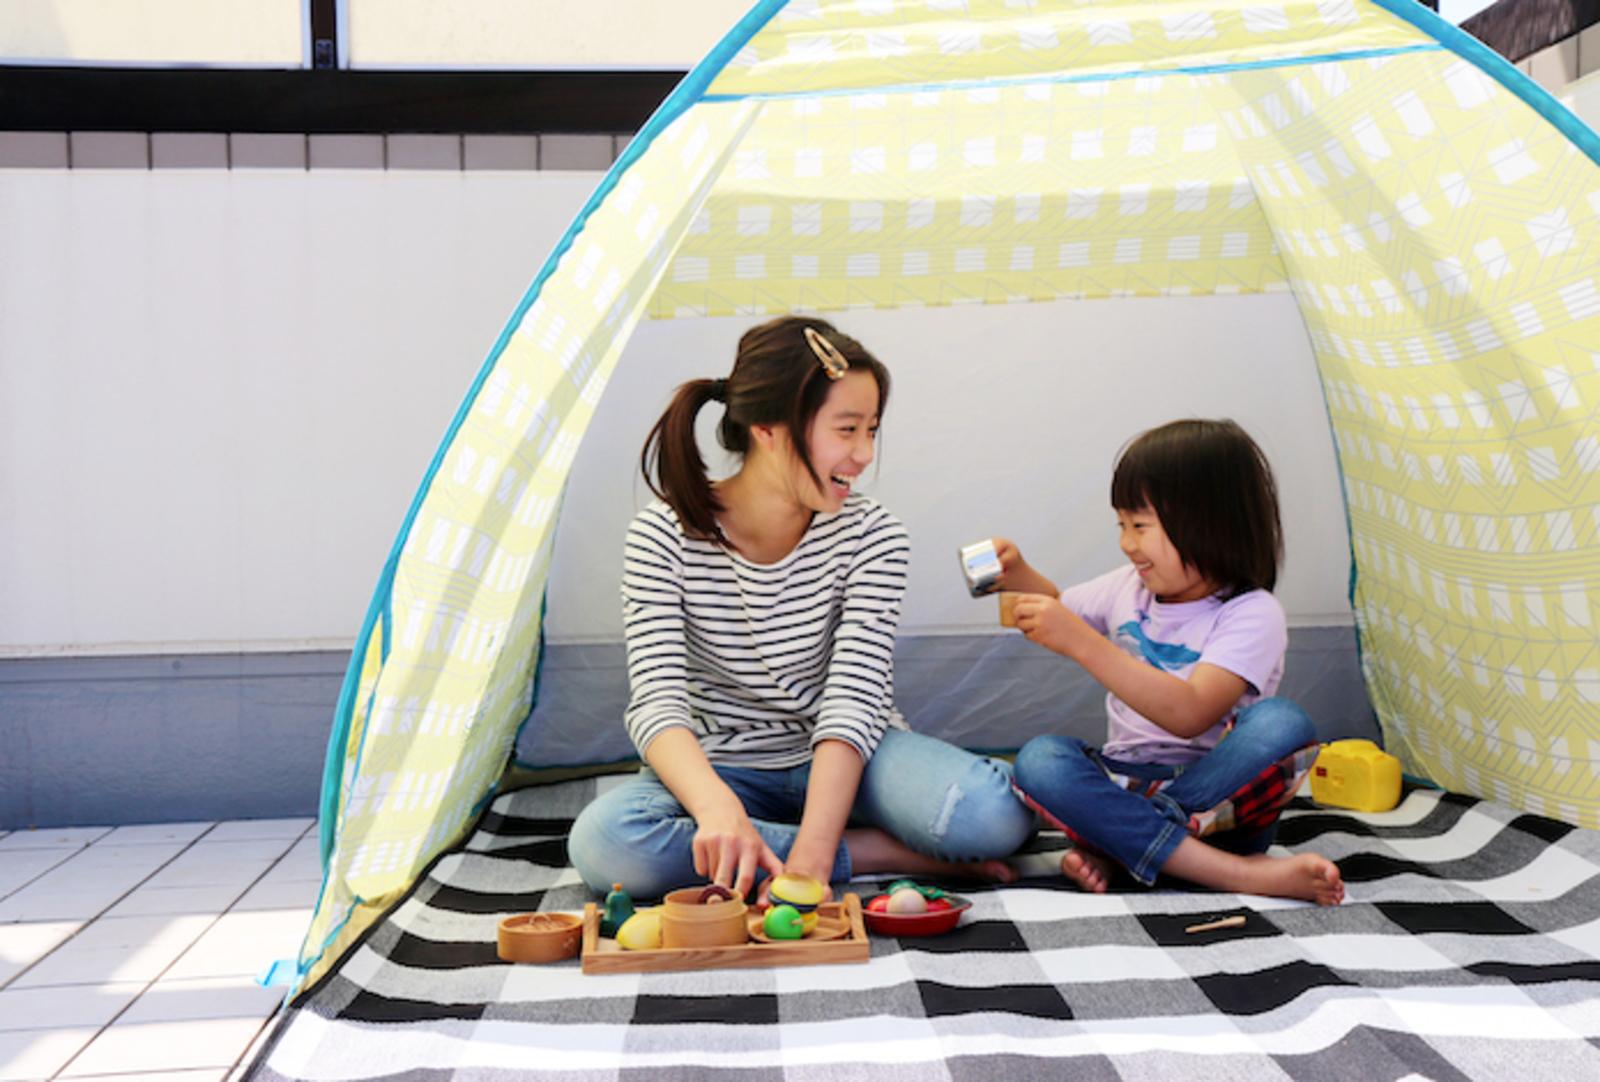 【おうちキャンプ】テントを広げてキャンプ料理を楽しむ!! ソトレシピ的〝おうちキャンプ5カ条〟